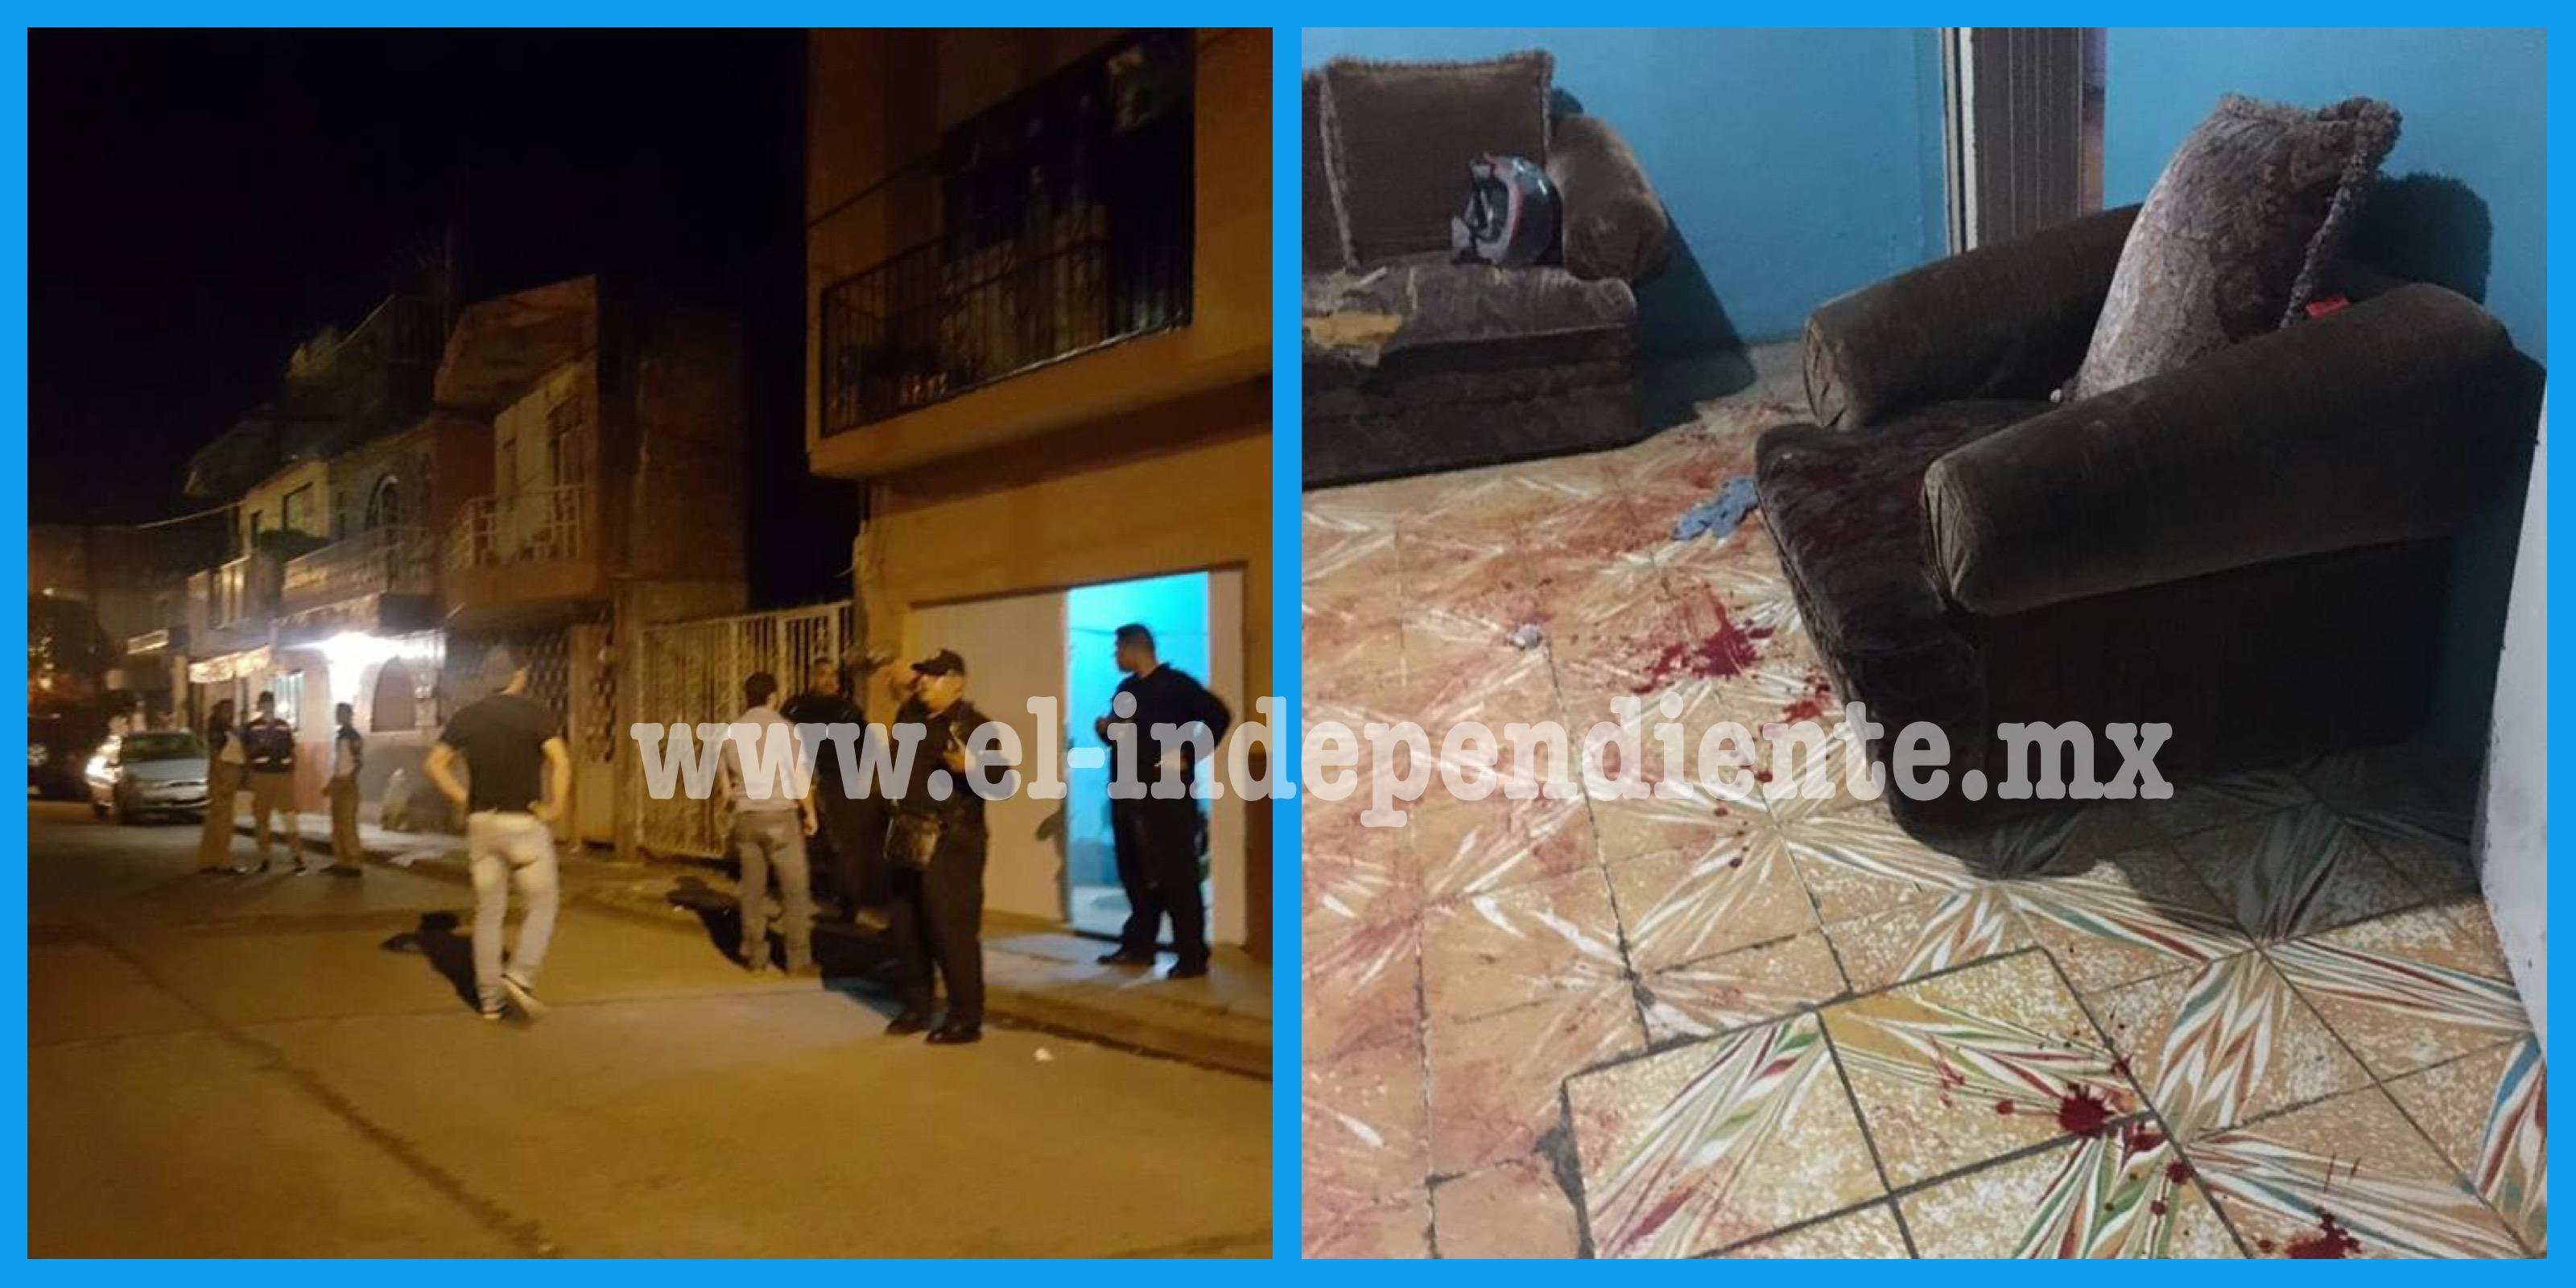 Empistolados irrumpen en domicilio de la Colonia Ramírez y ultiman a un hombre